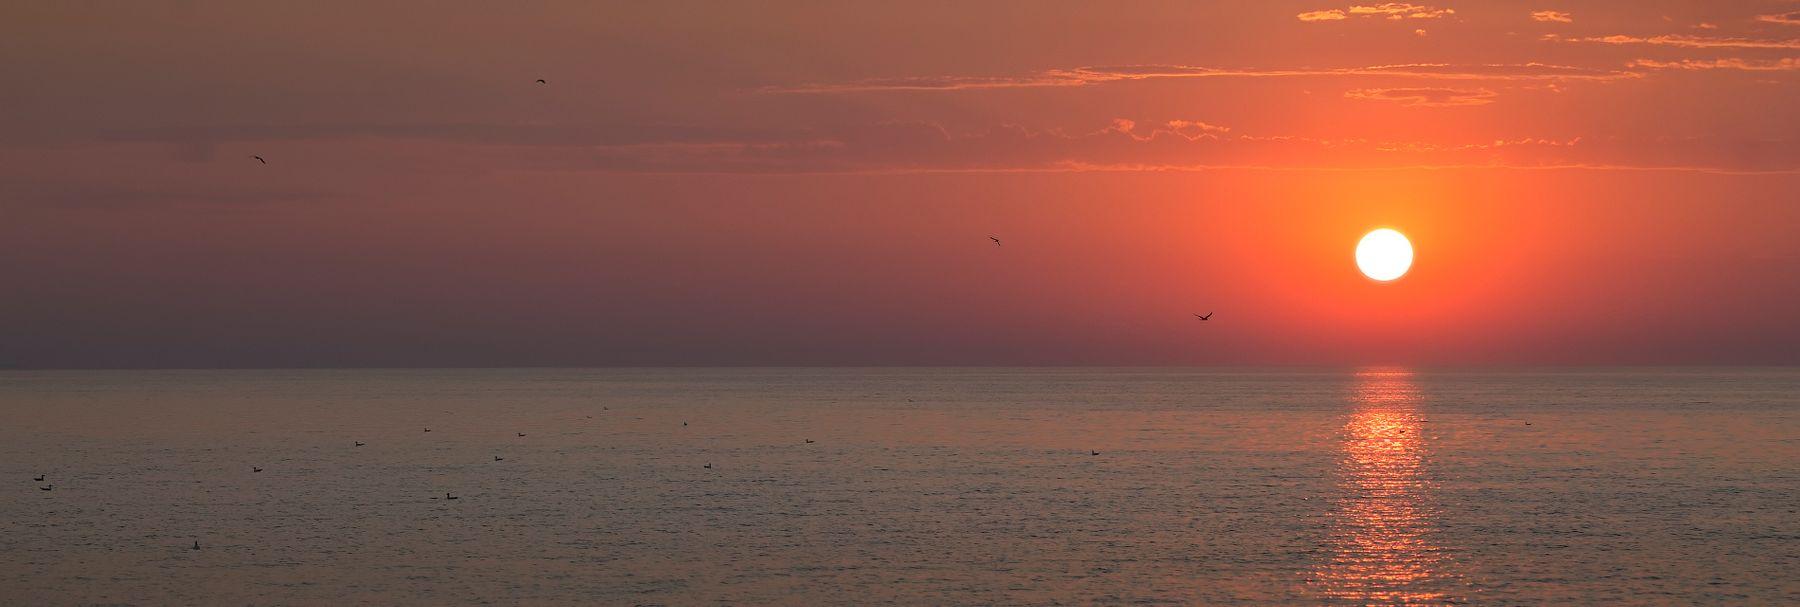 Рассвет и чайки море солнце чайки